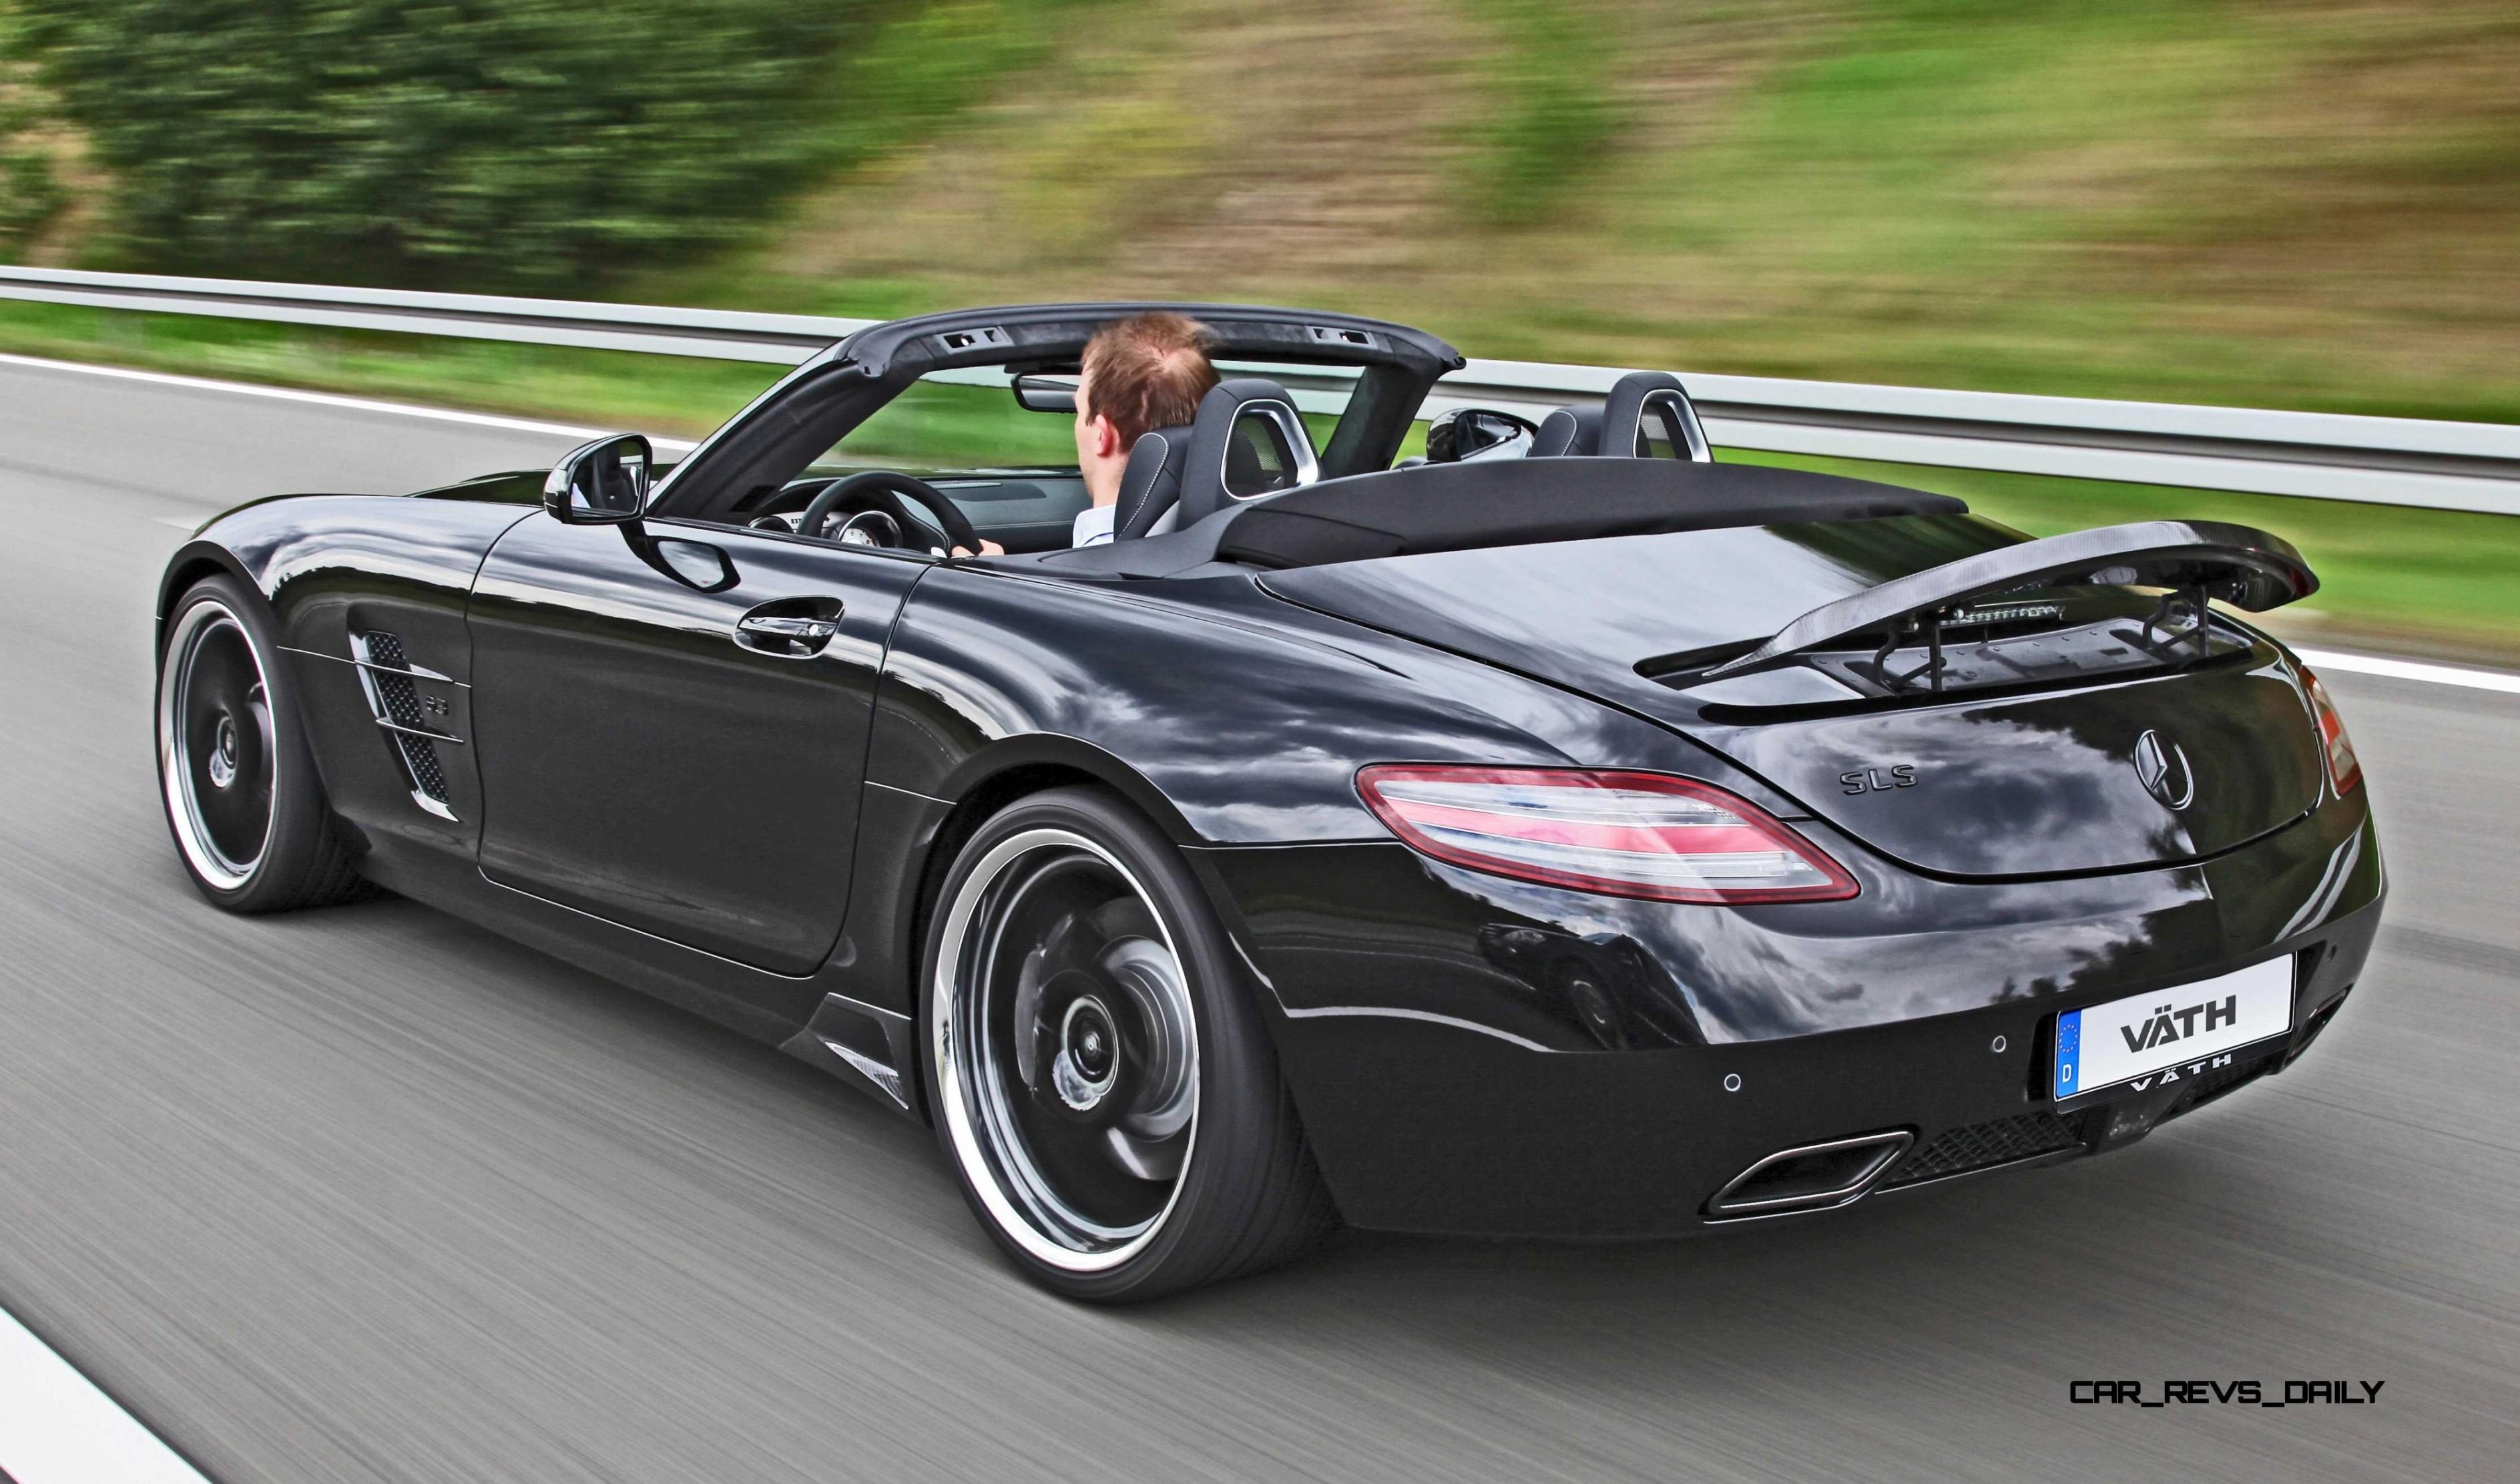 Sls amg black series roadster